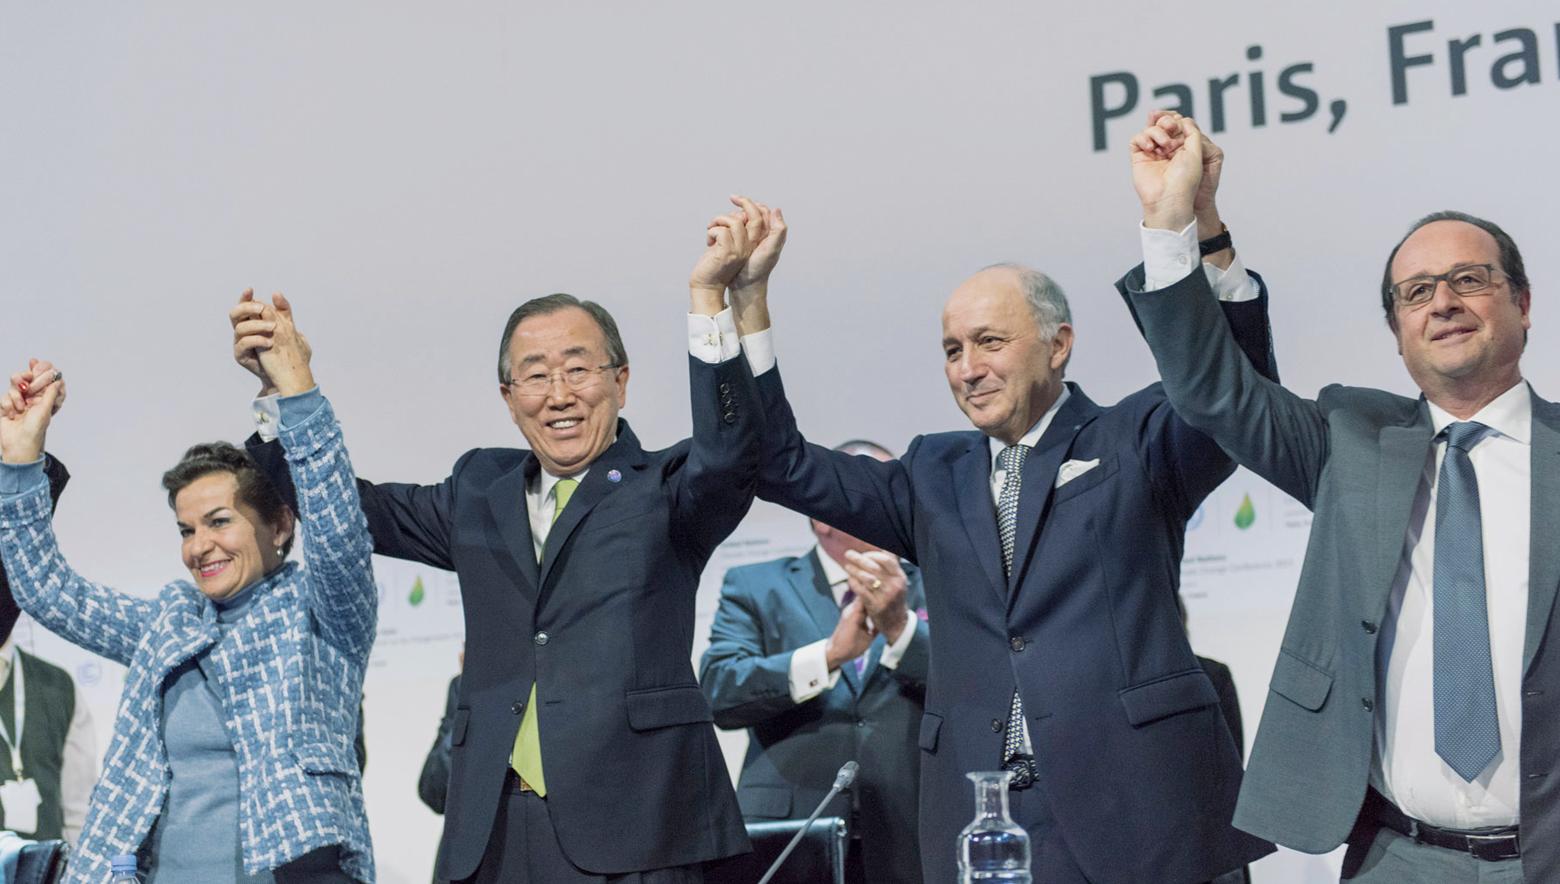 Генеральный секретарь ООН, президент м министр иностранных дел Франции приветствуют принятие Парижского соглашения по климату